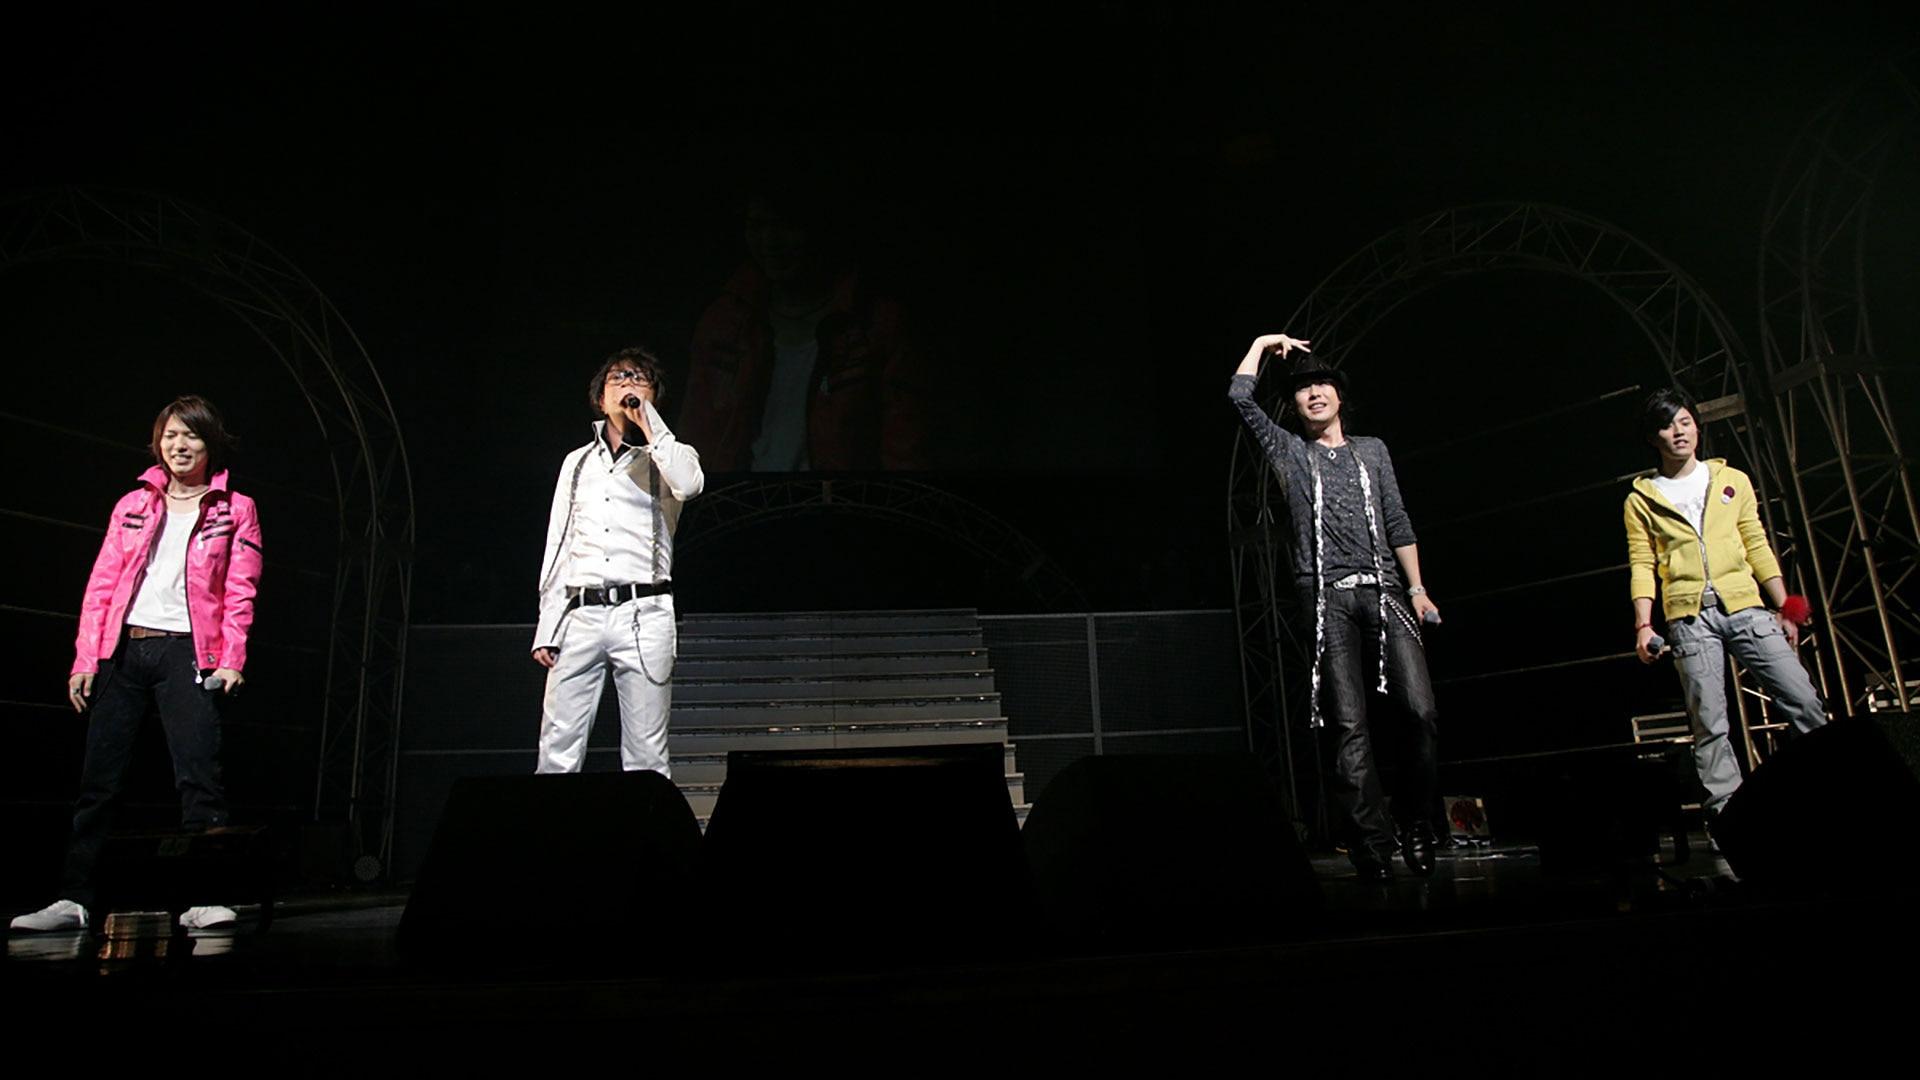 Kiramune